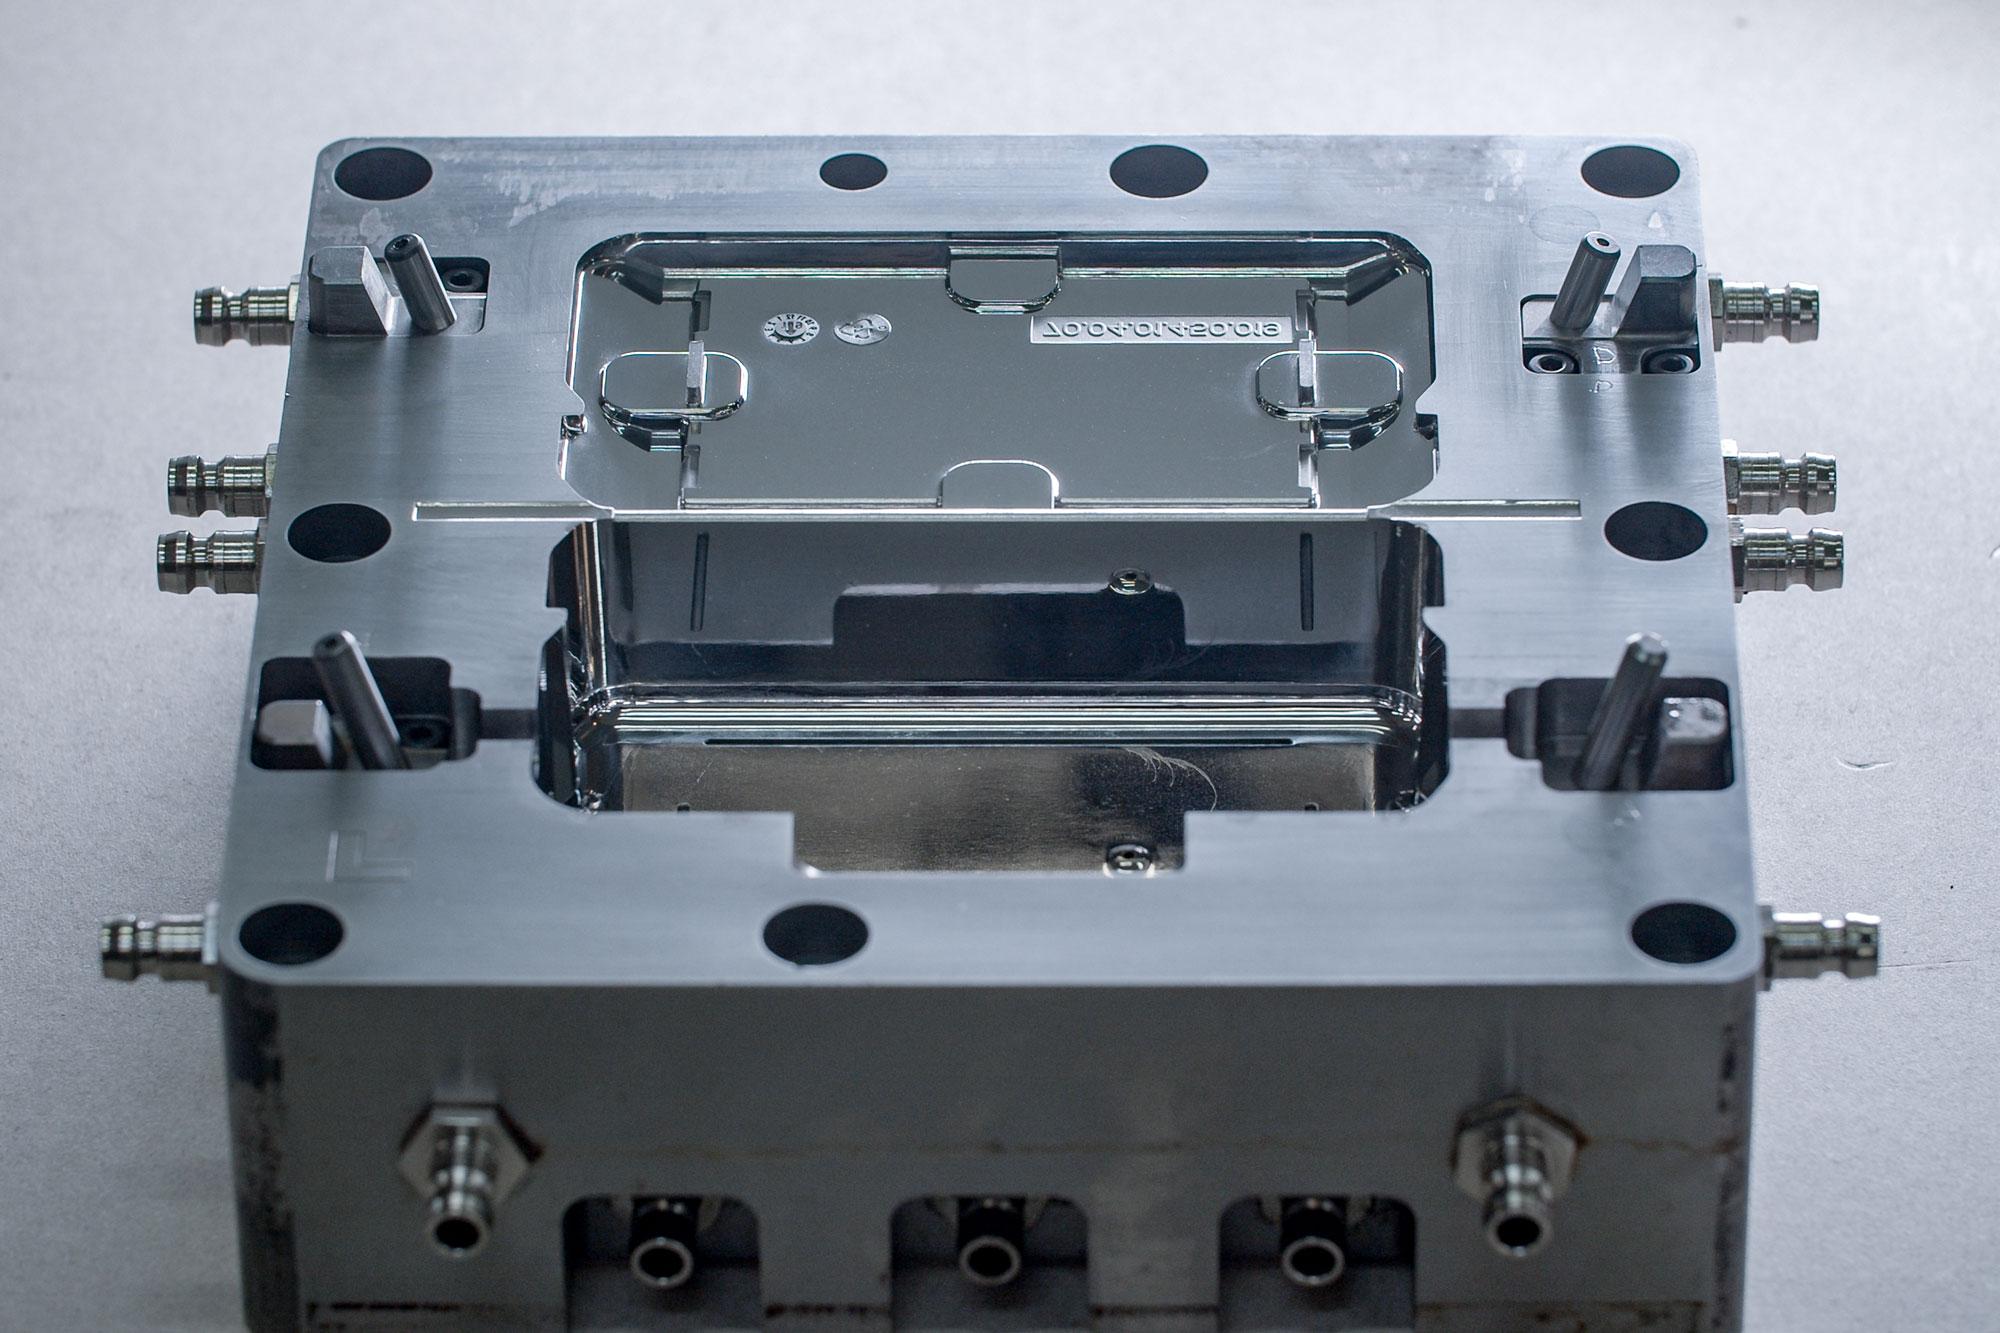 Mestel - Elastomer and polymer moulding